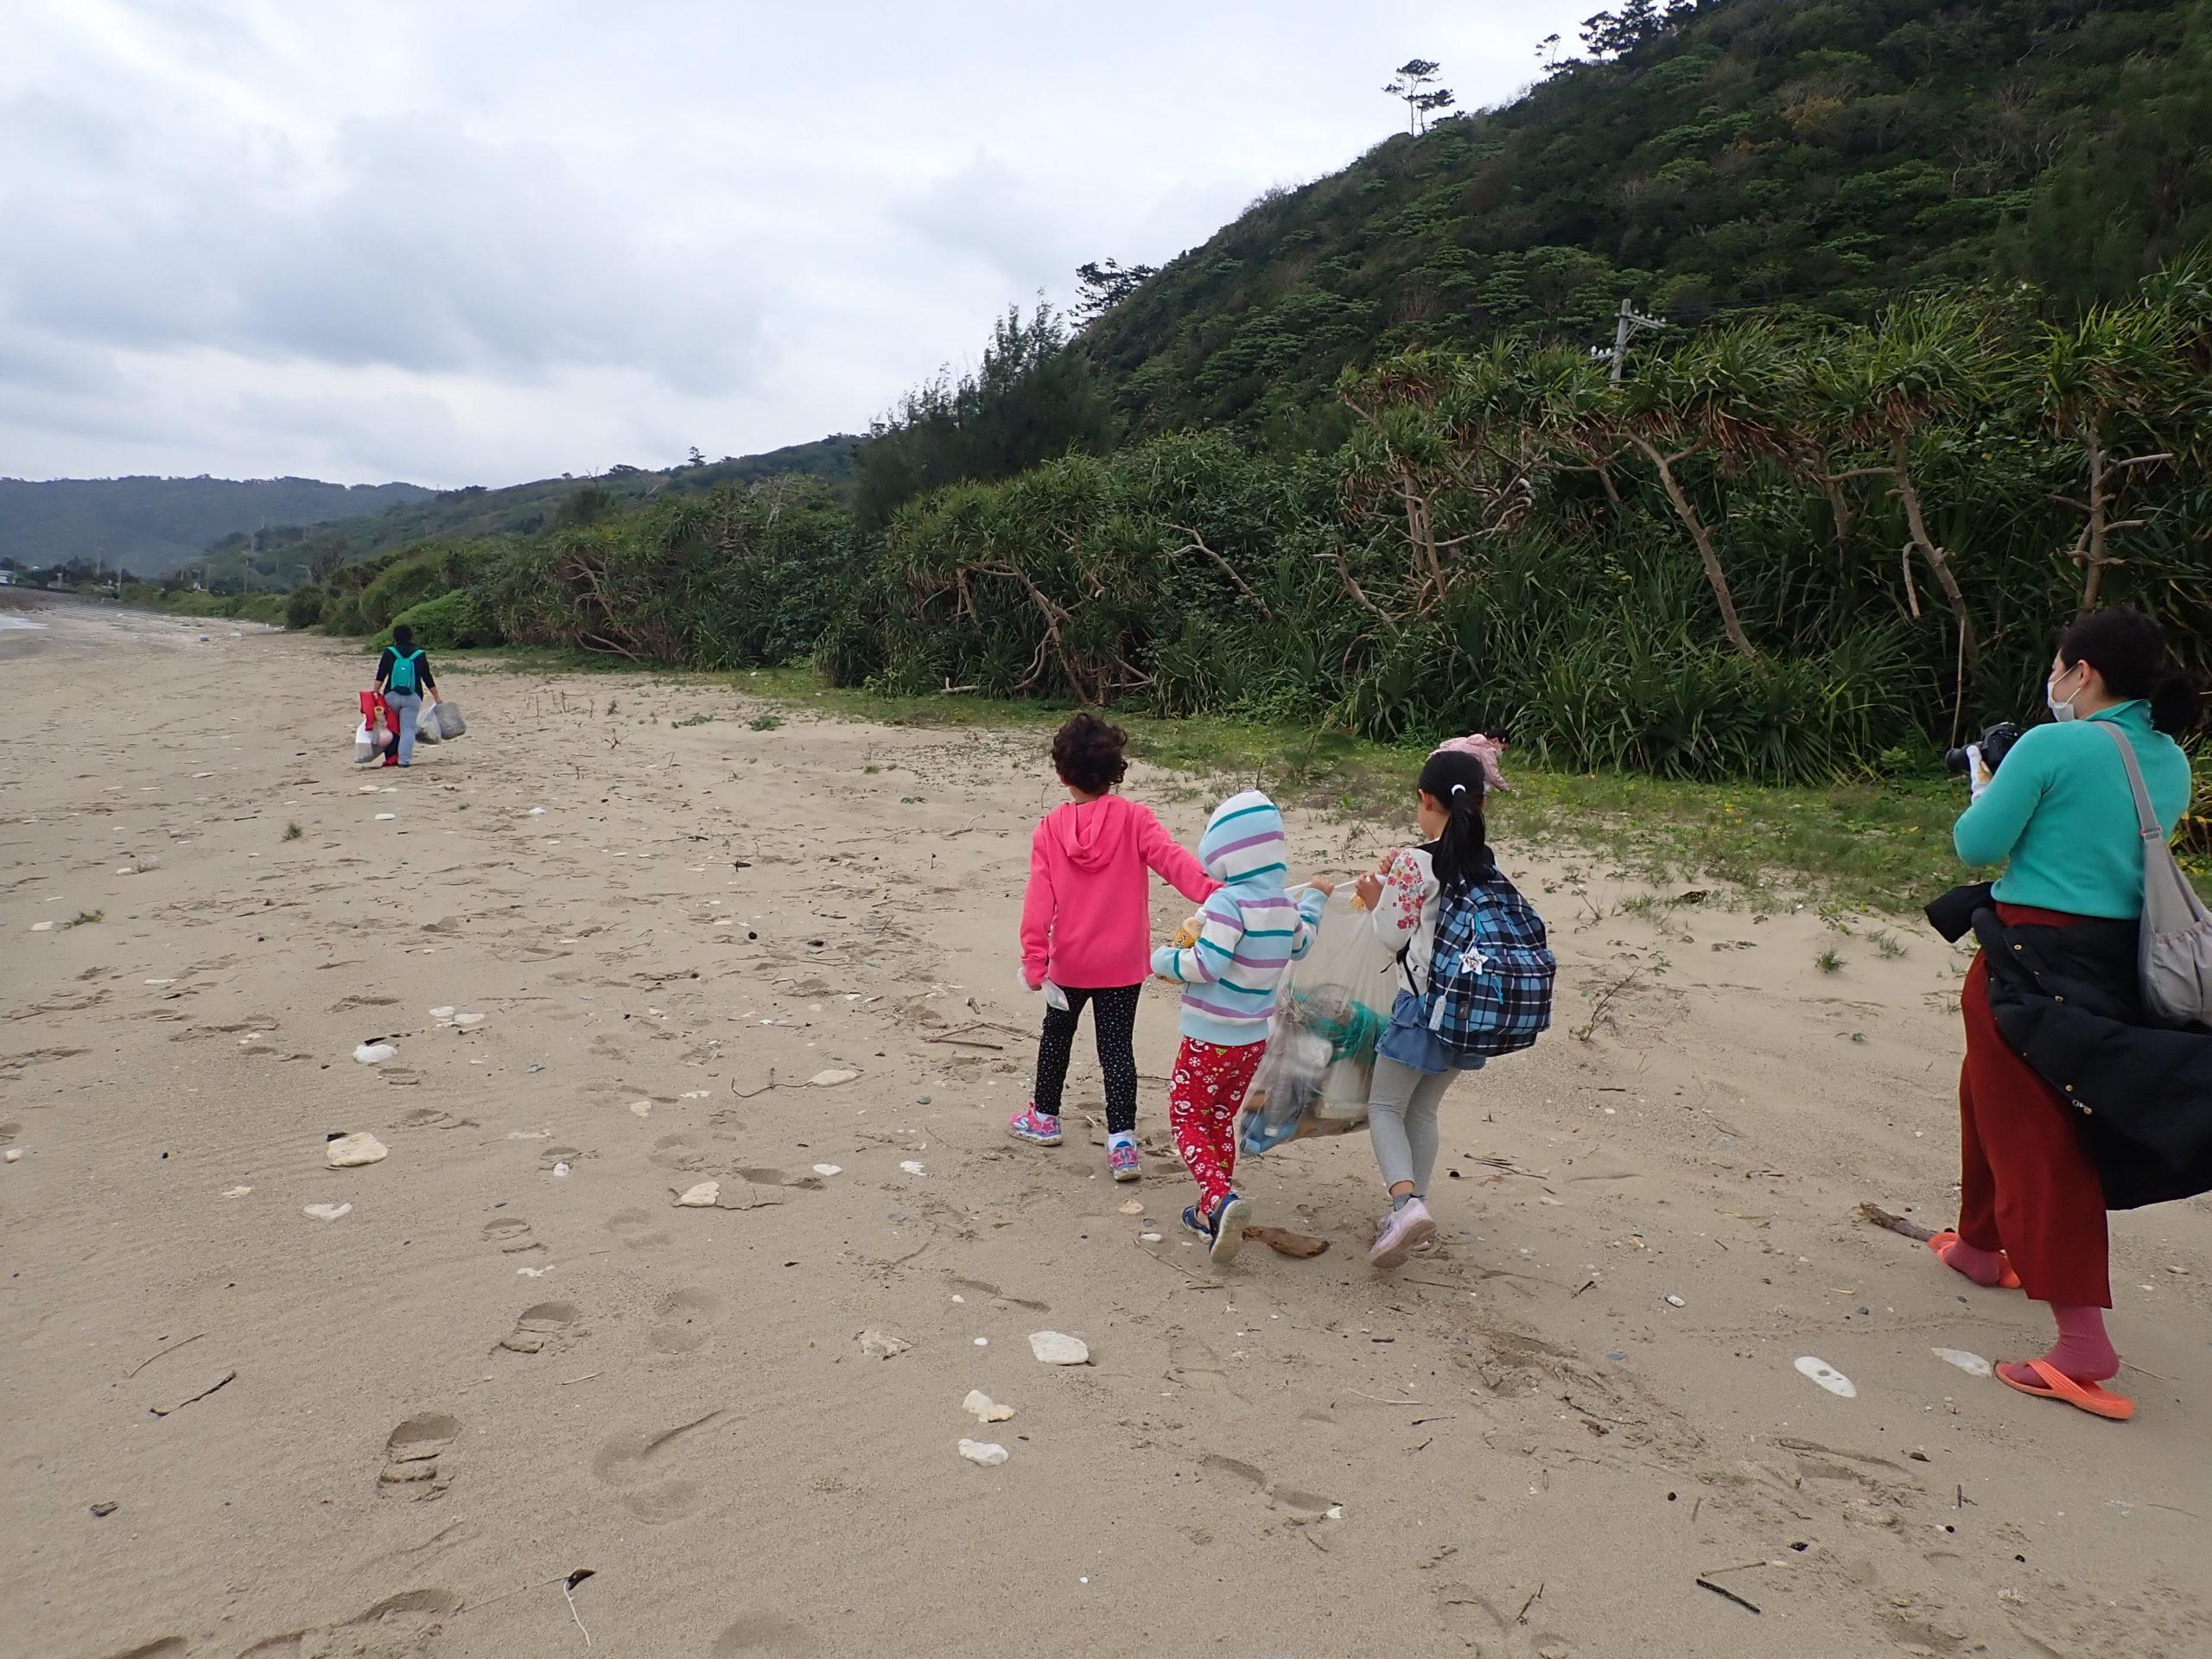 ネイチャーガイドと一緒に地球を想うビーチコーミング